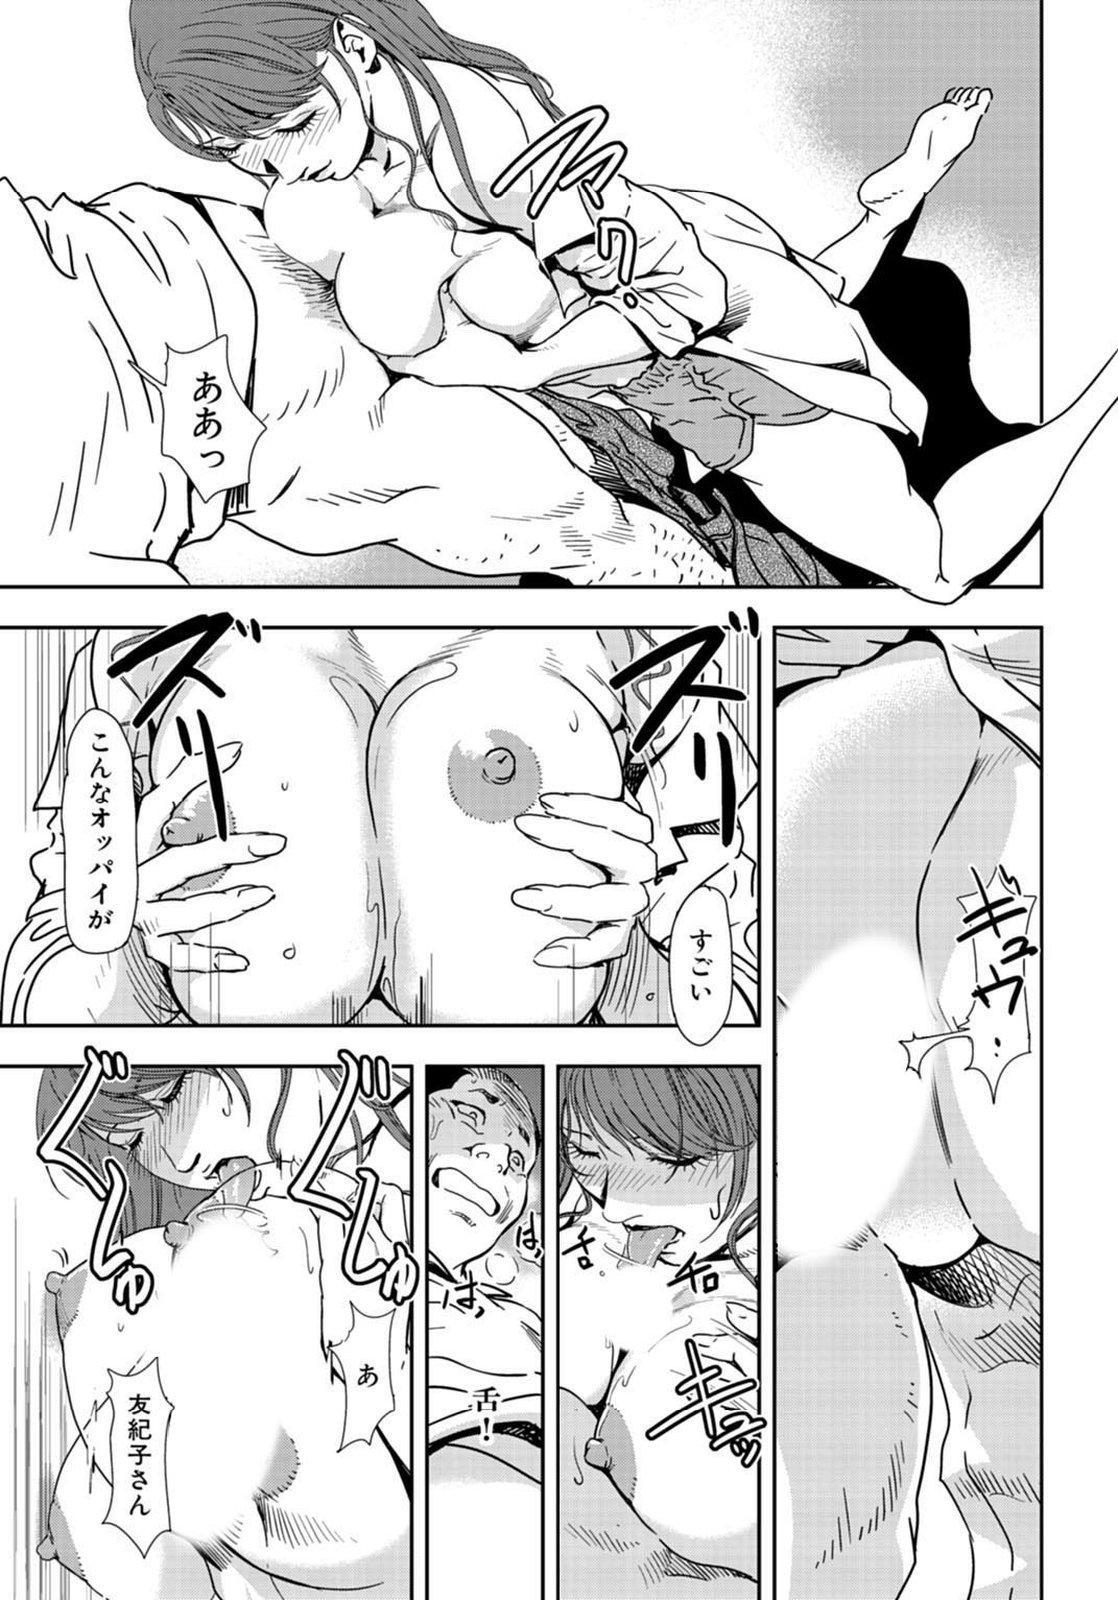 Nikuhisyo Yukiko 21 64